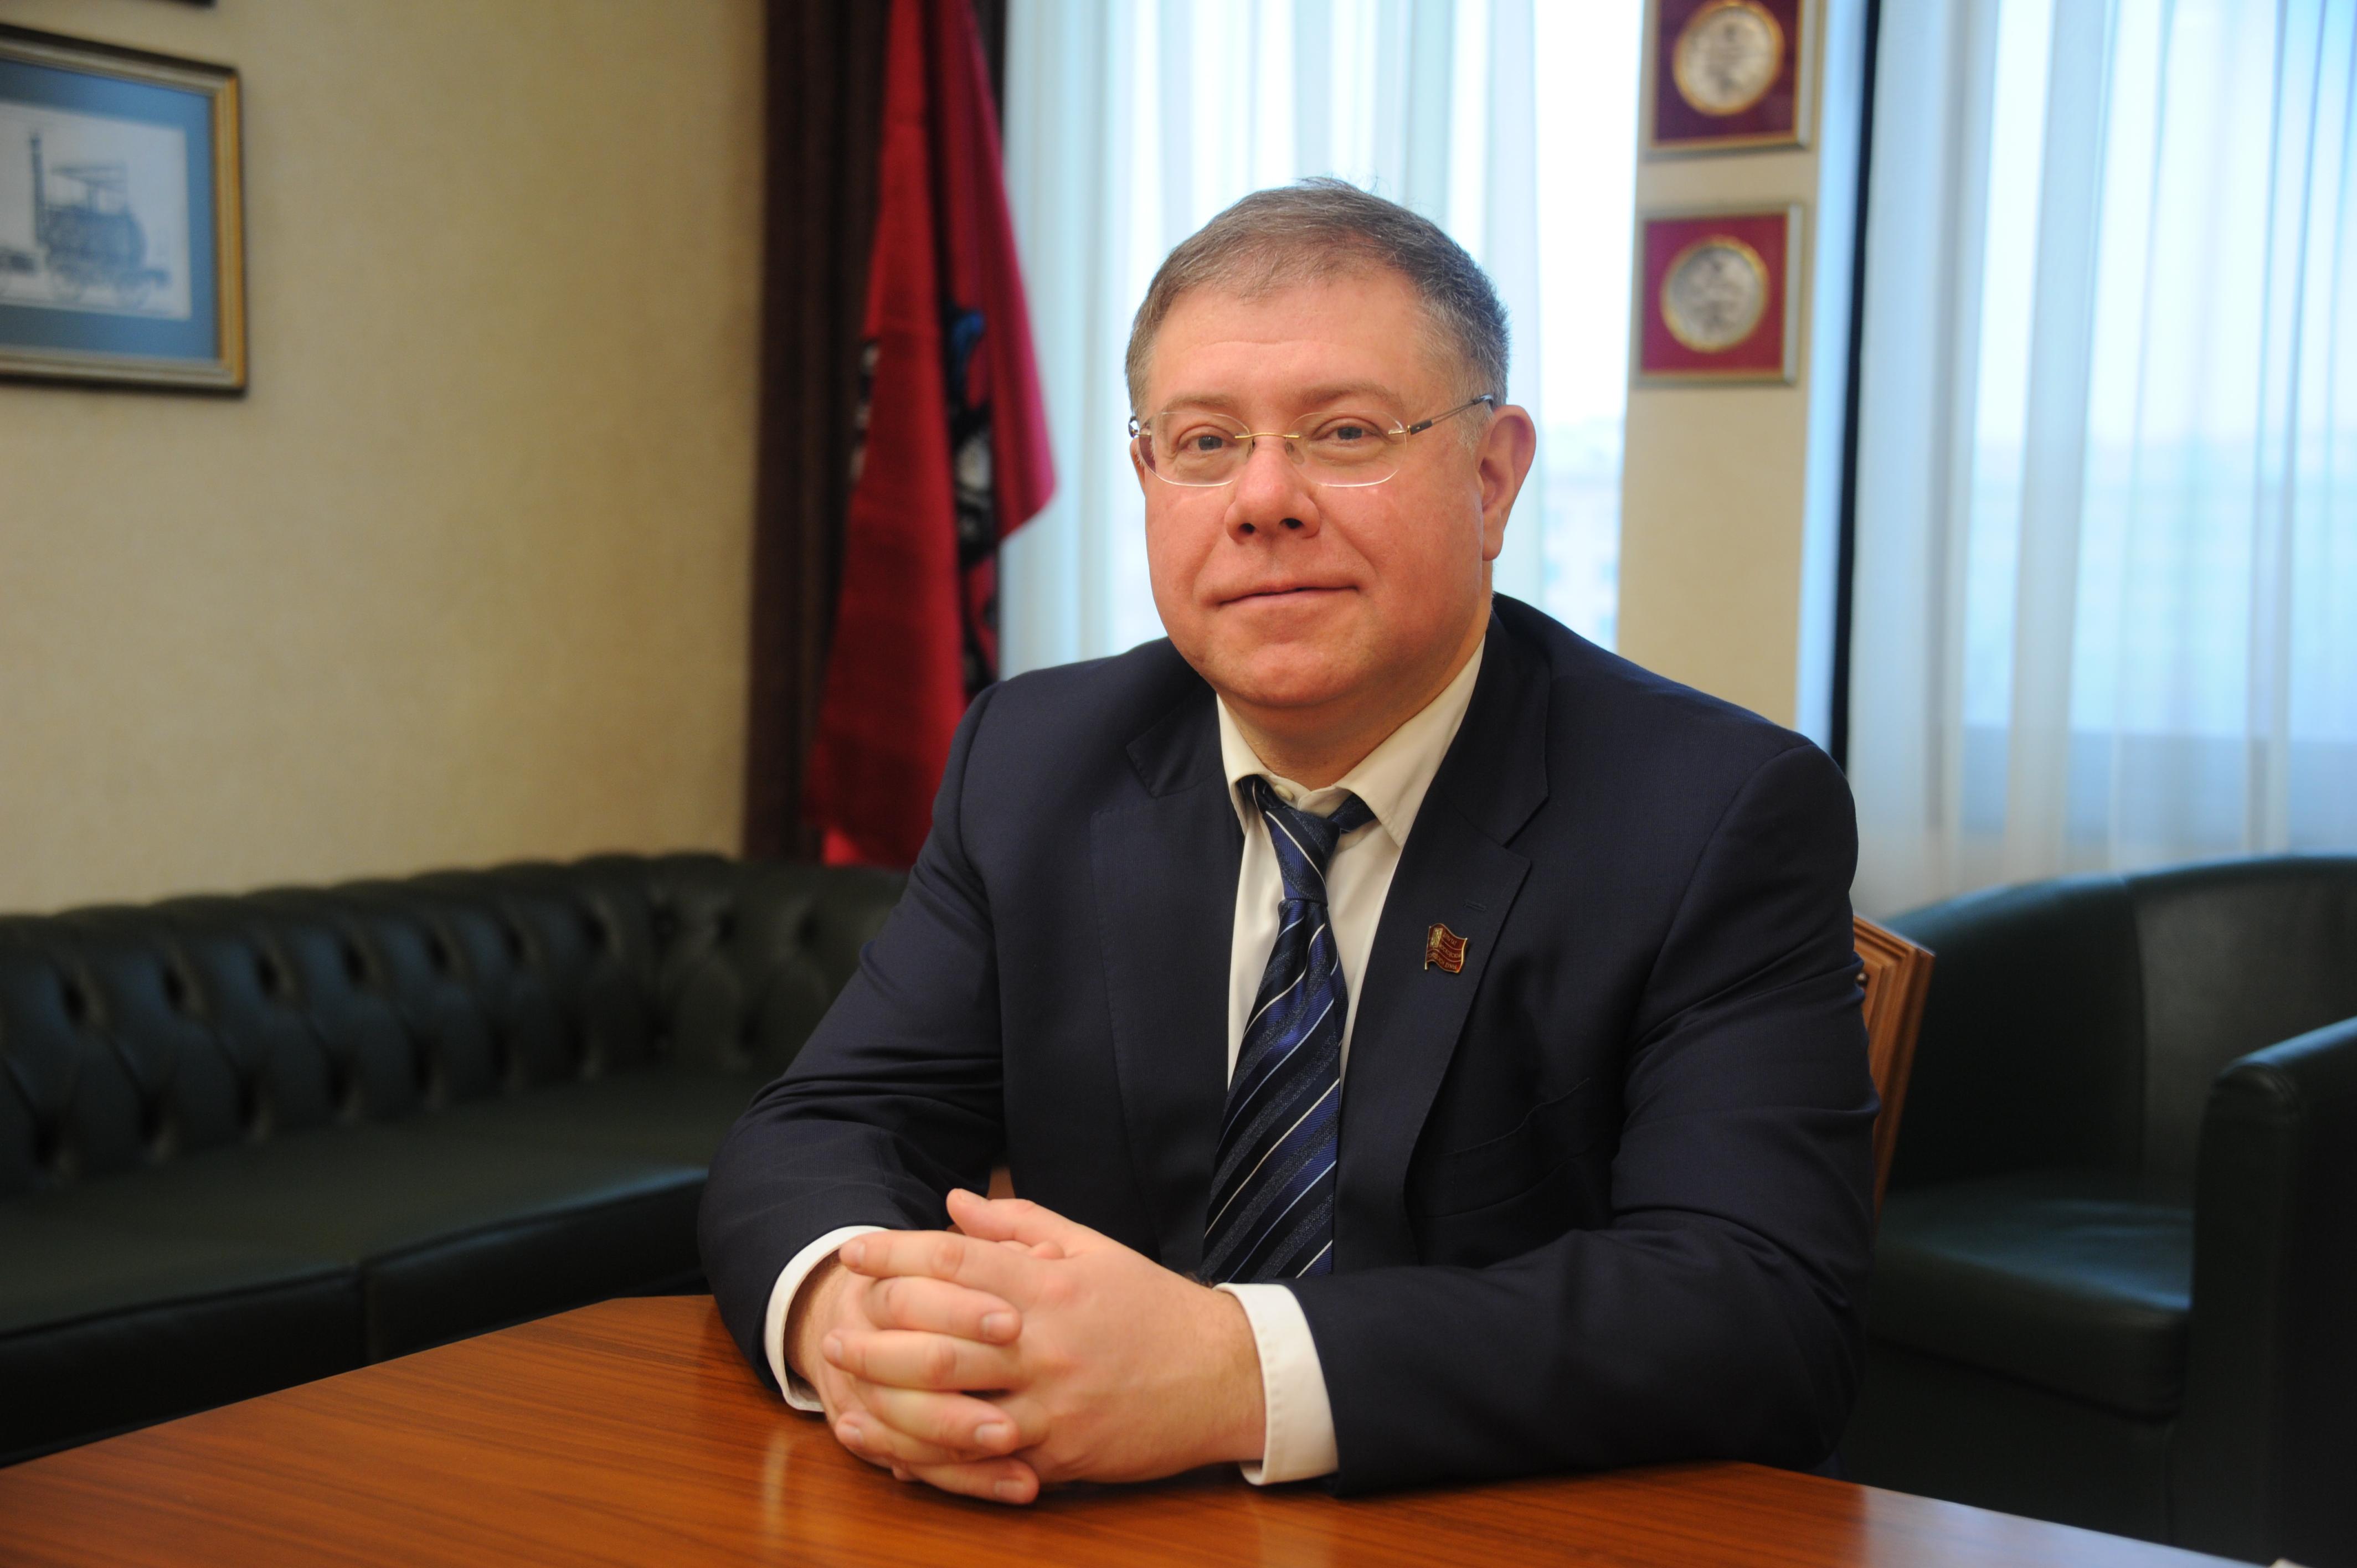 Депутат МГД Орлов: Промзоны становятся концентрацией объектов урбанистической инфраструктуры